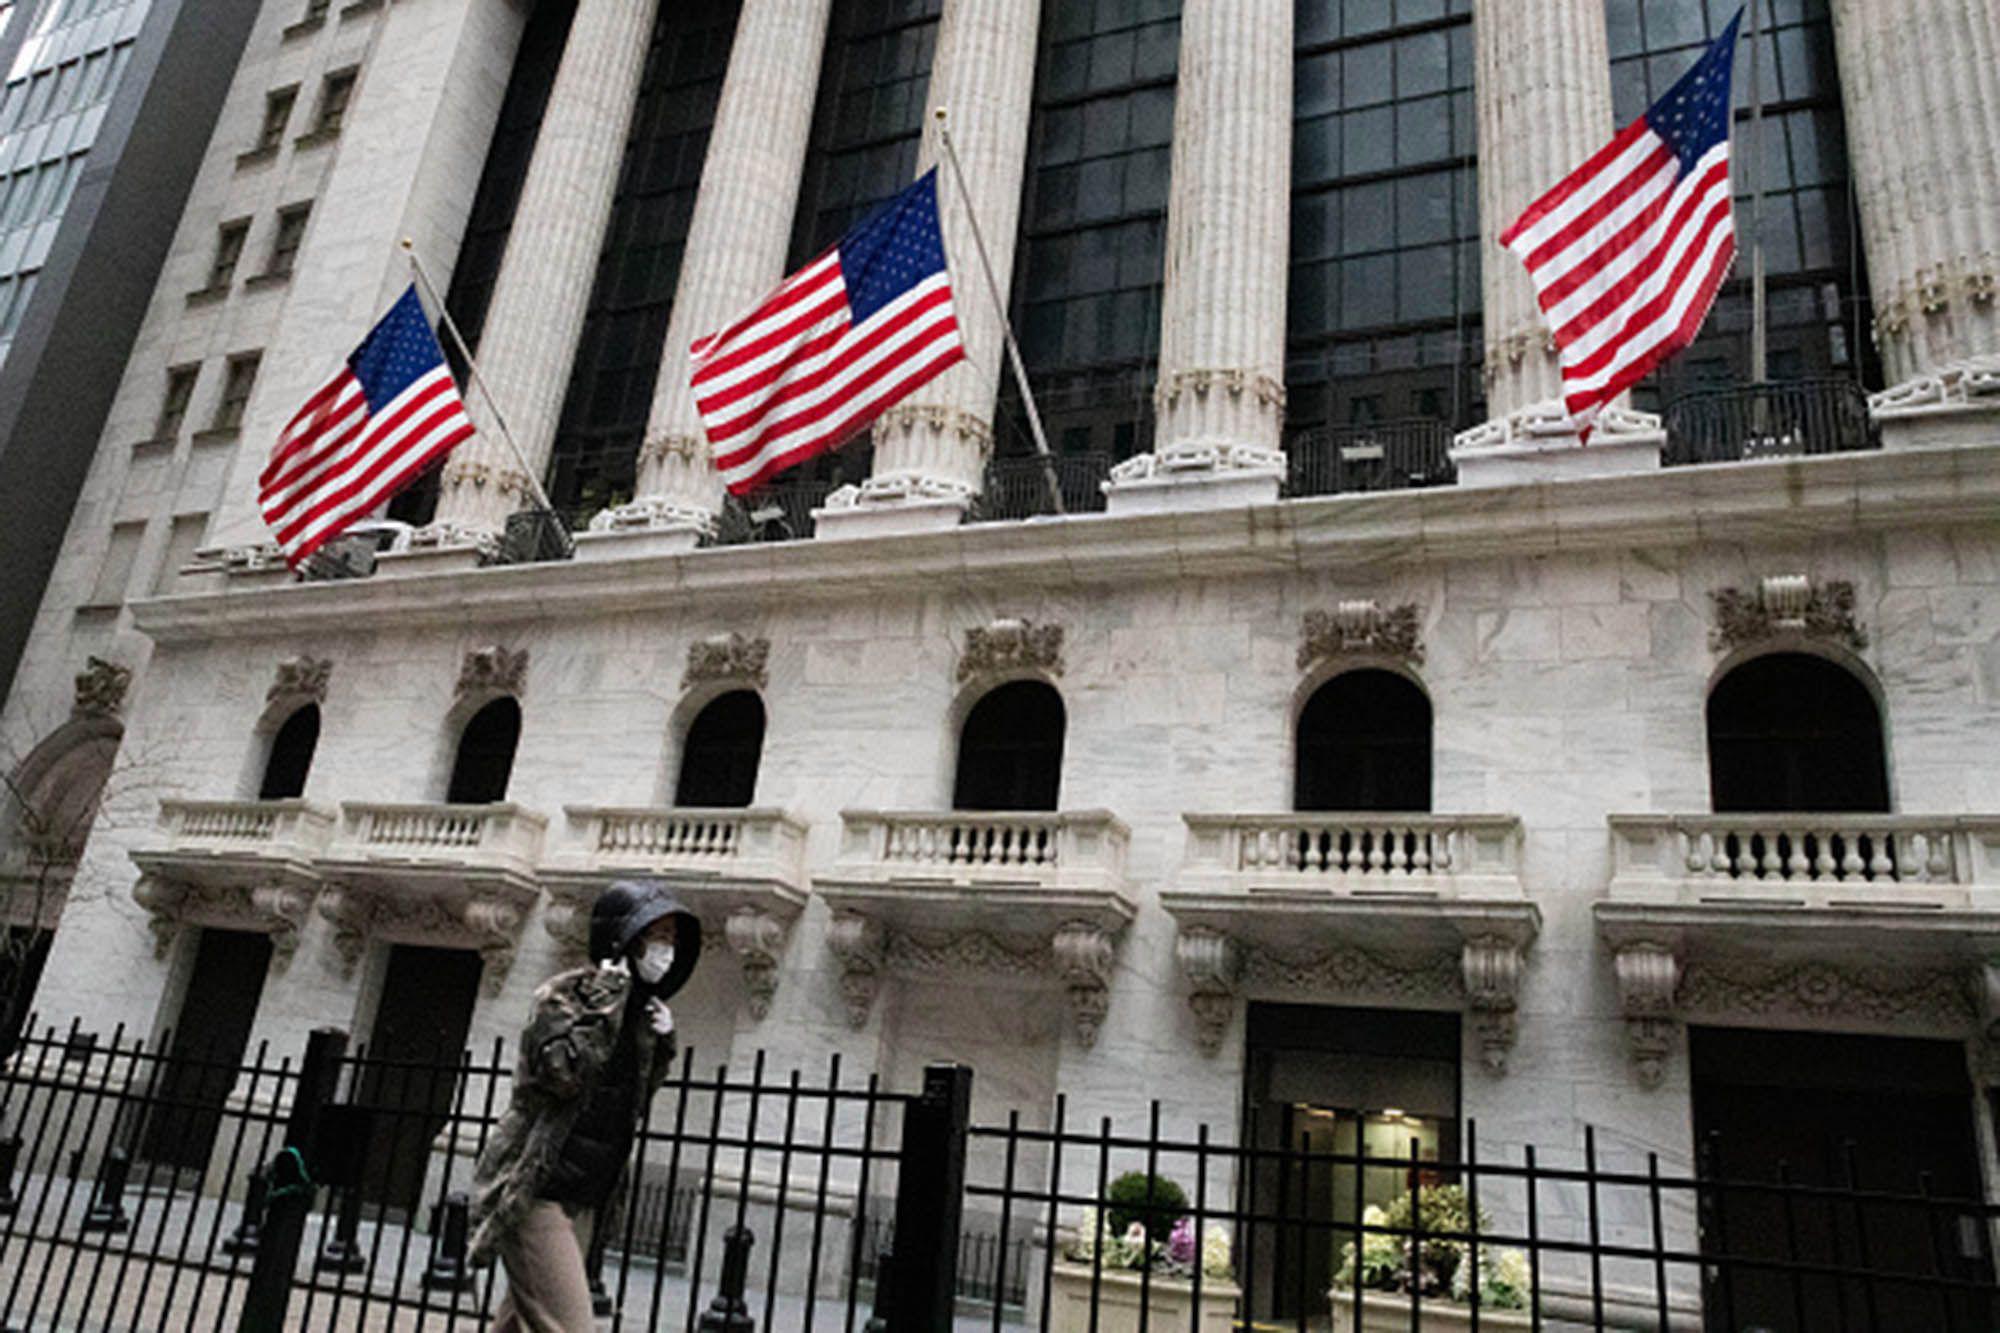 Doanh nghiệp Trung Quốc đổ xô IPO trên sàn Mỹ - Ảnh 1.